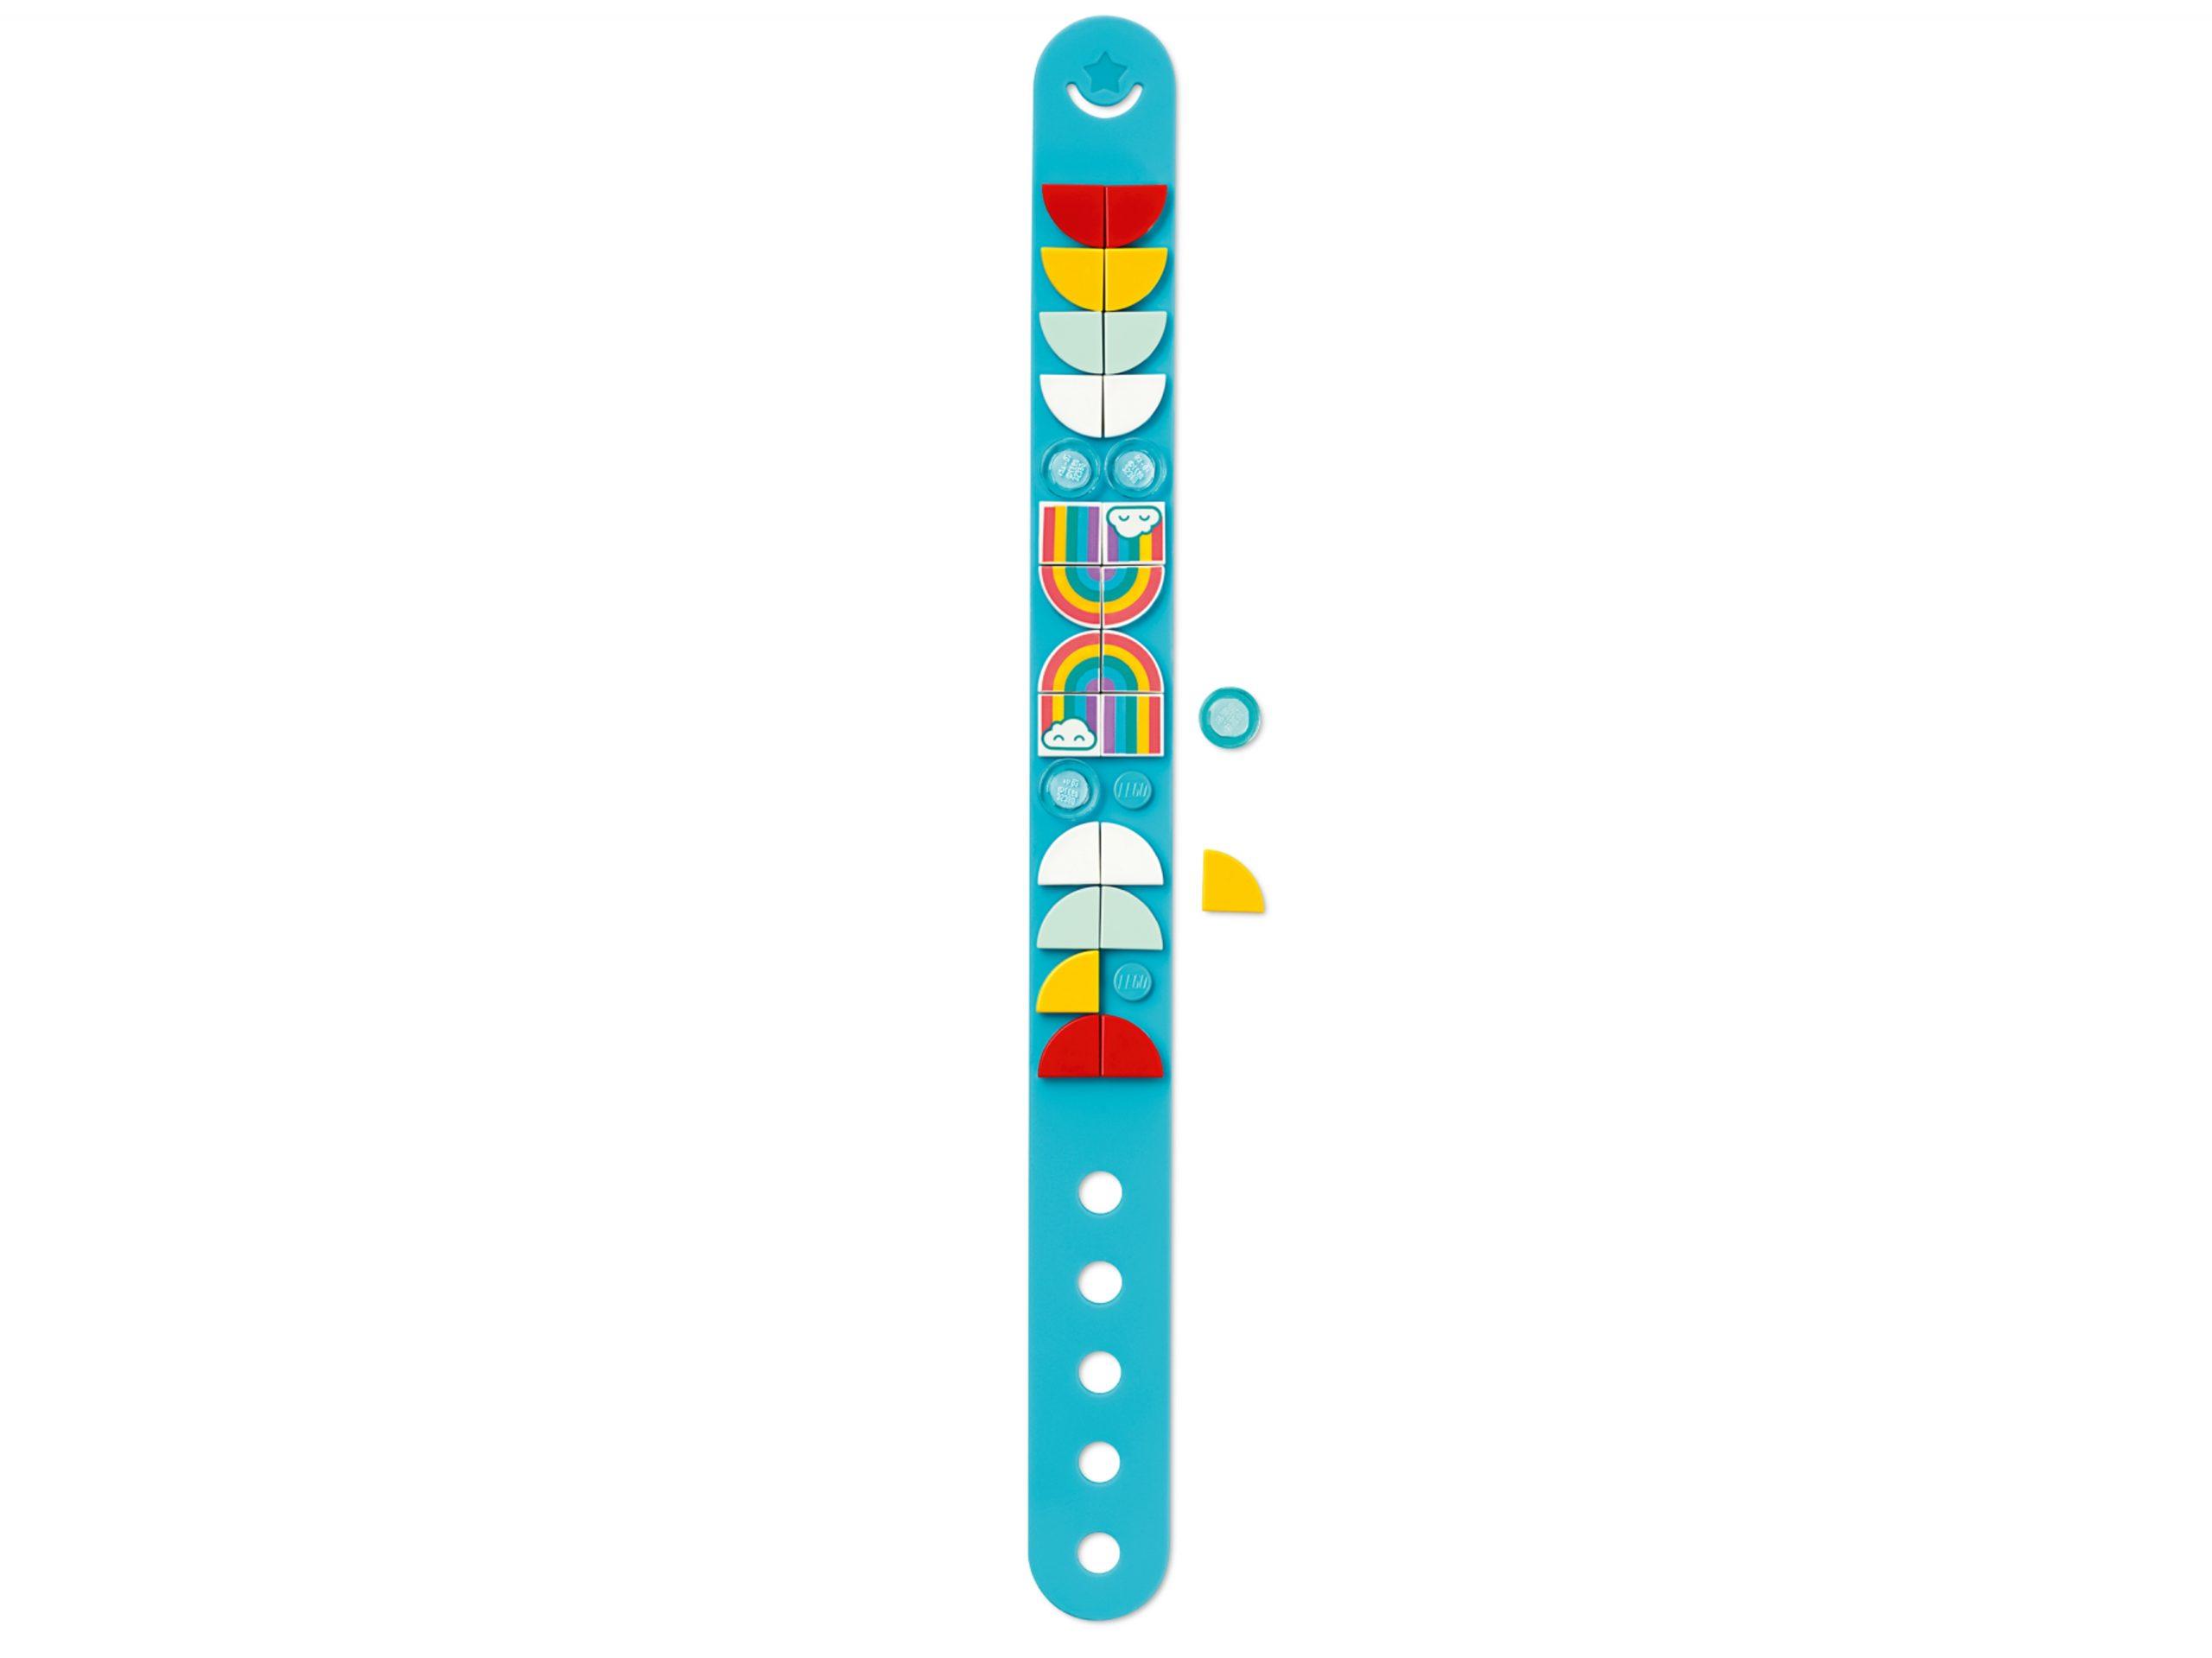 lego 41900 braccialetto arcobaleno scaled